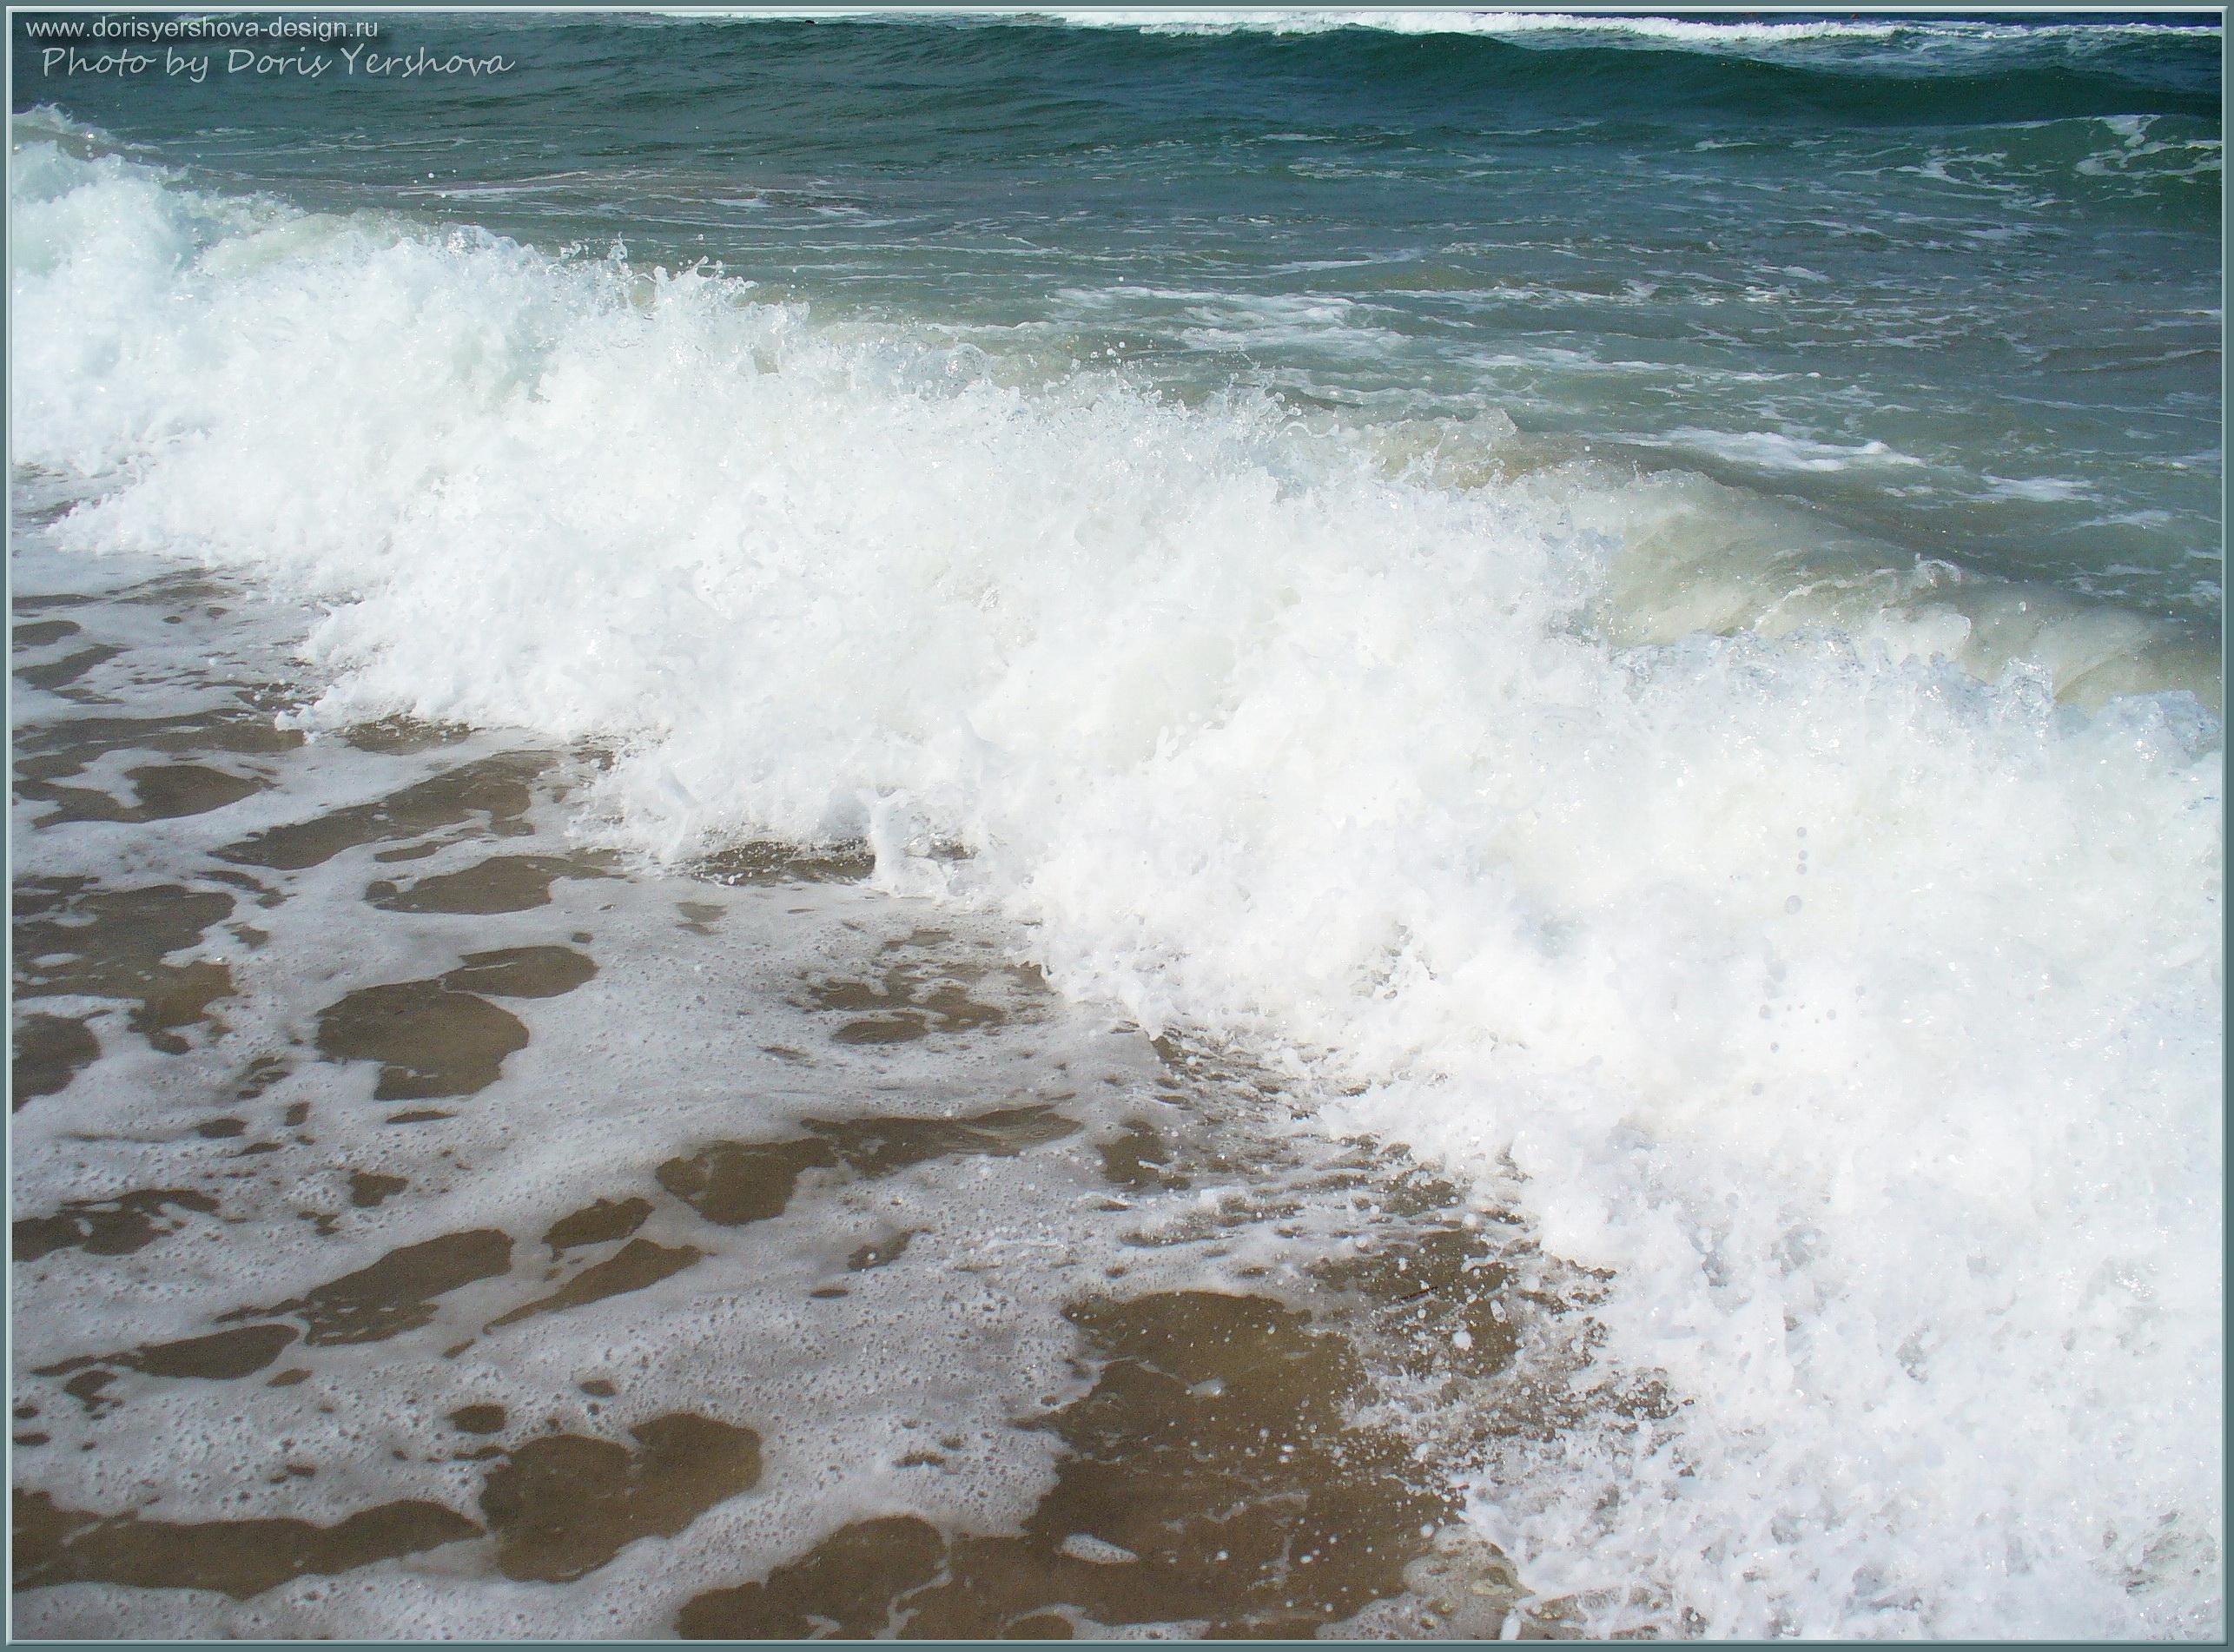 белая пена прибоя, лето, море, Черное море, волна